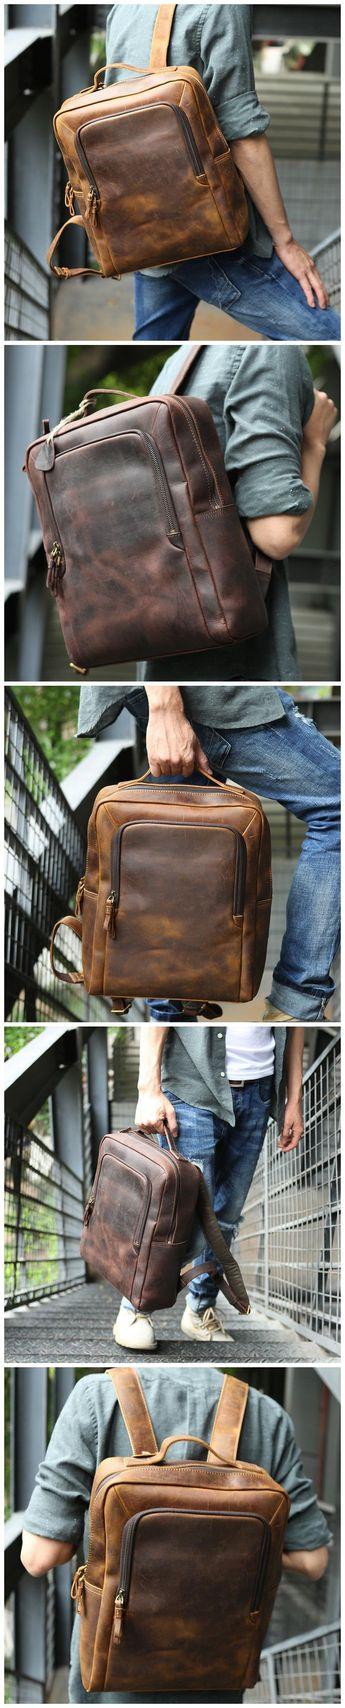 Crazy Horse Leather Laptop Backpack Handmade Backpack Men Travel Backpack  Z8250 516db70706921